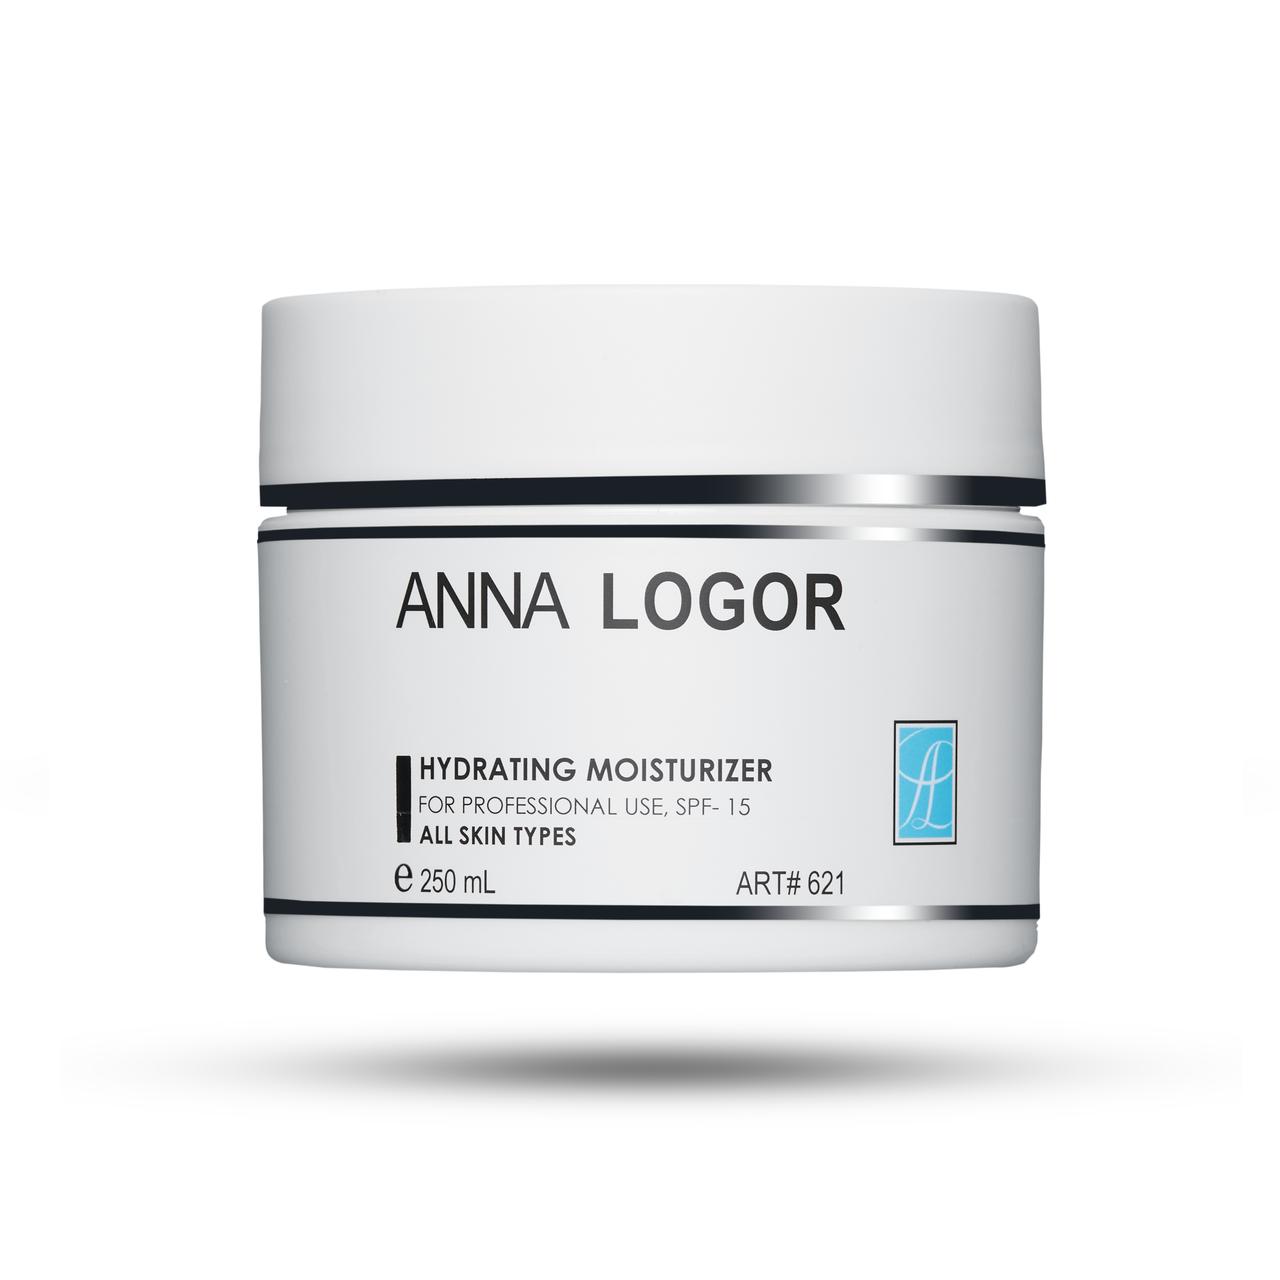 Крем зволожуючий для всіх типів шкіри Анна Логор / Anna Logor Hydrating Moisturizer 250 мл Art.621